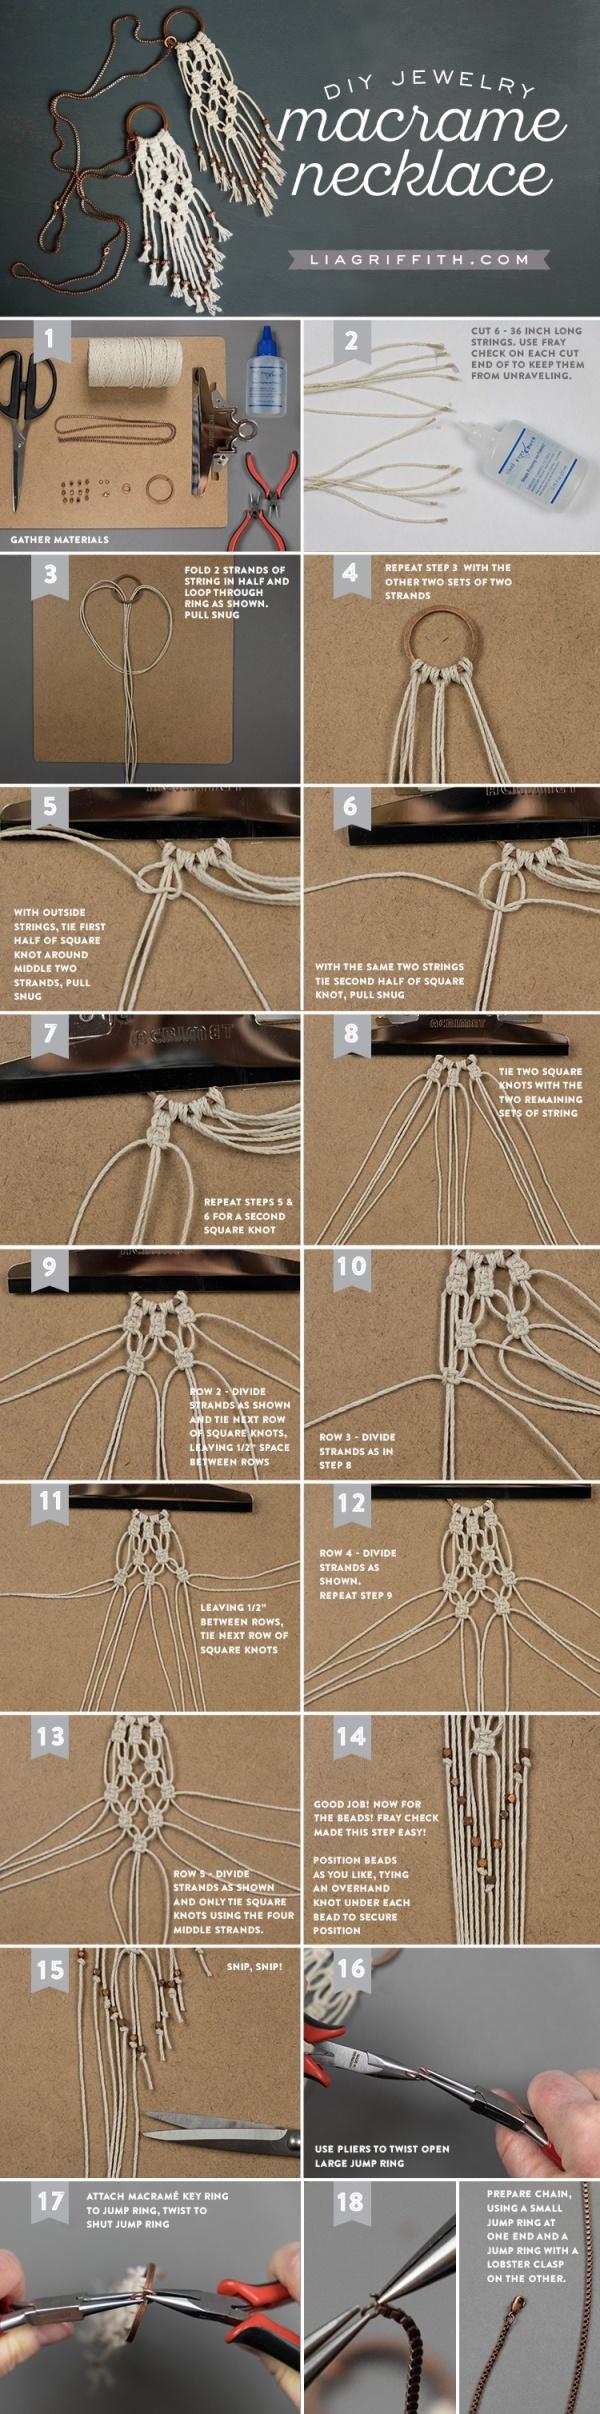 Ожерелье в технике макраме, колье своими руками